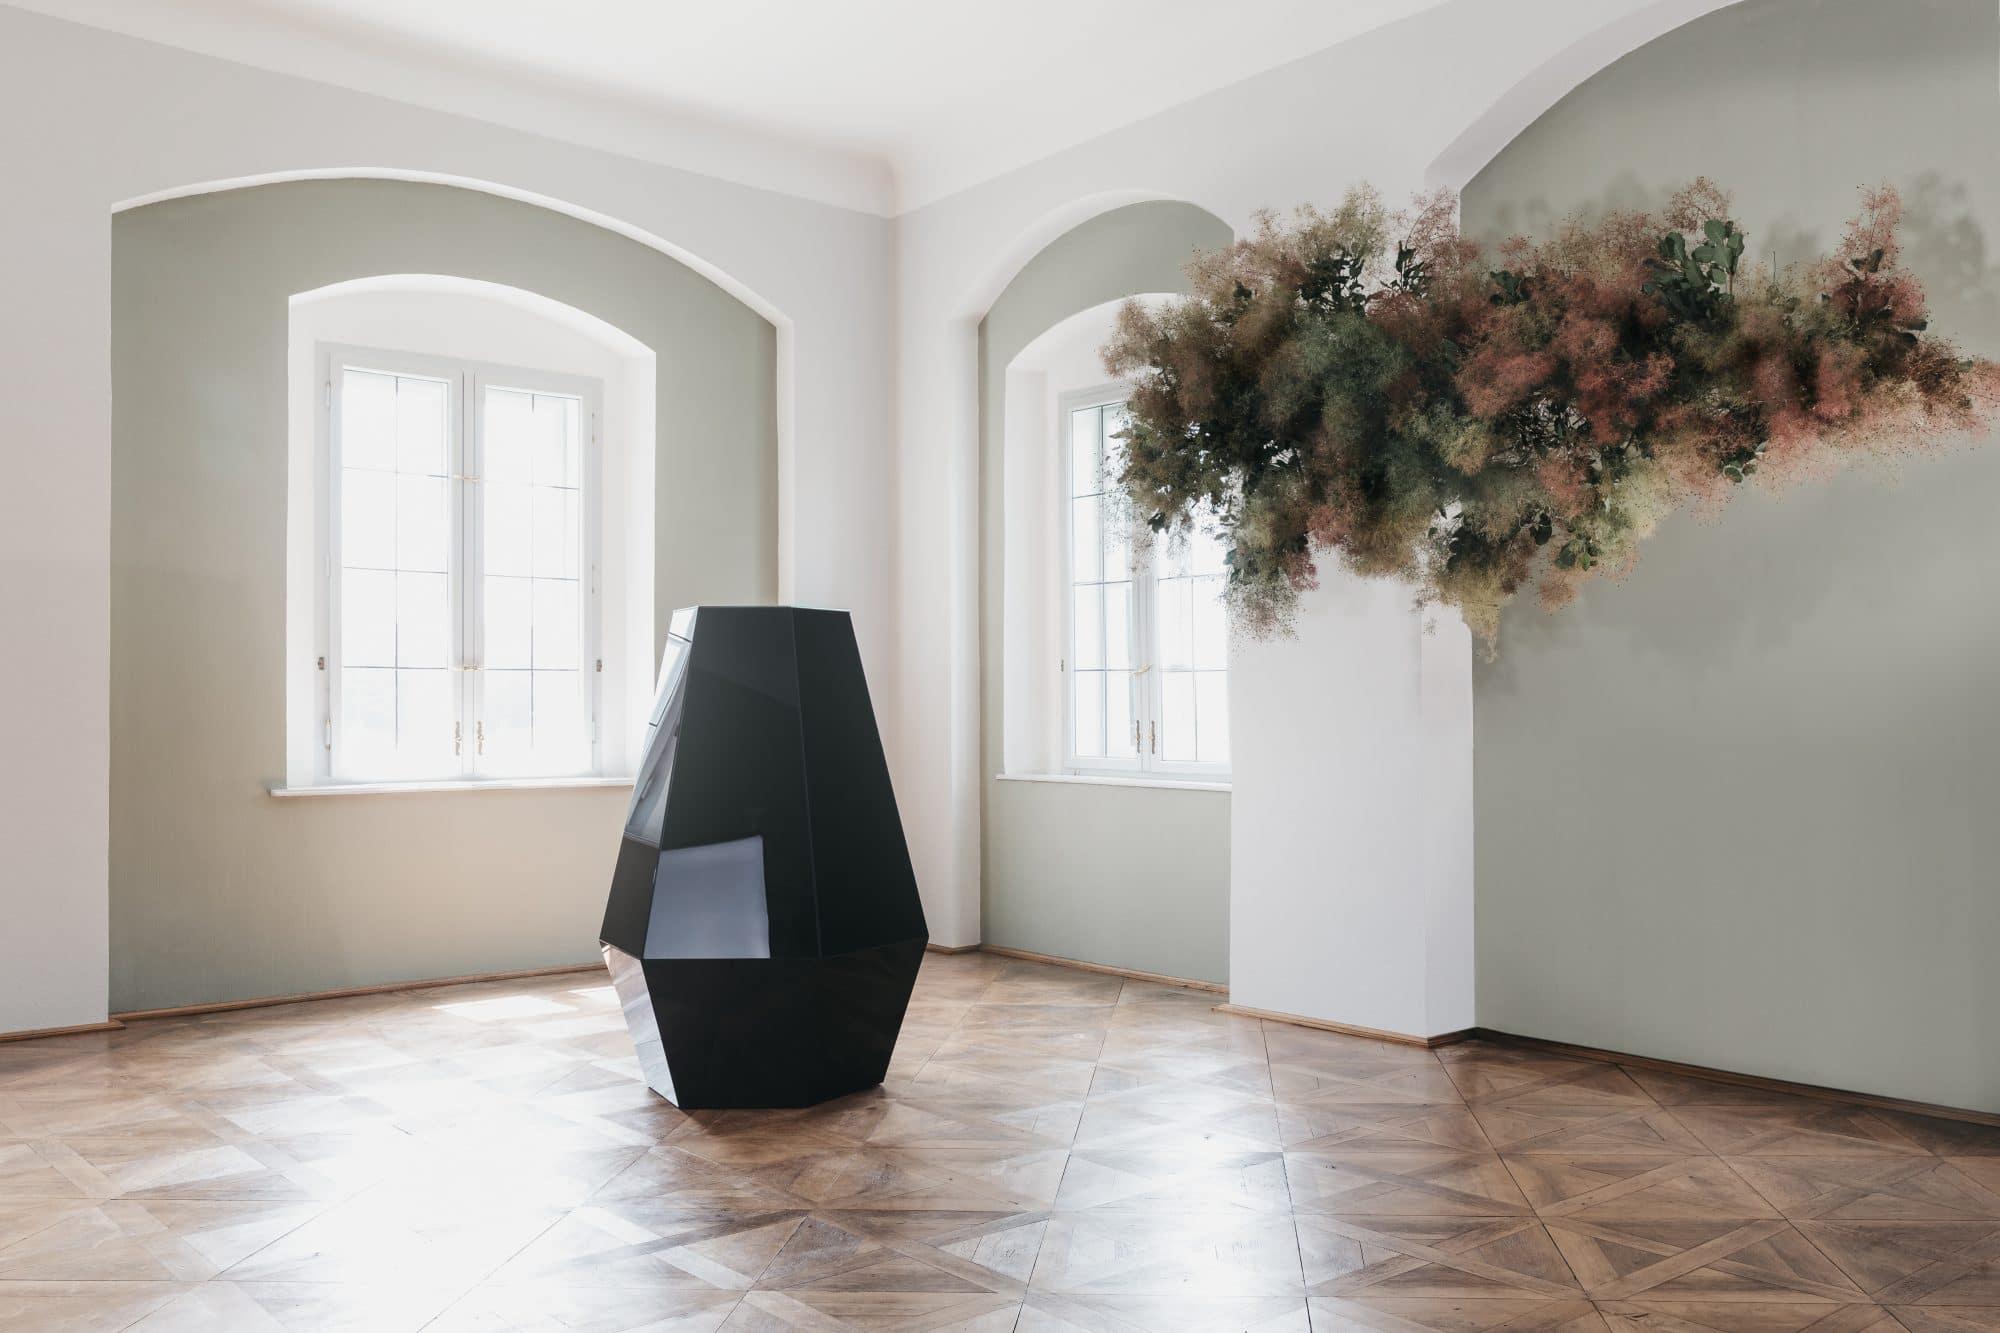 Der schwarze Diamant mit einer Blumenwolke in einem prunkvollen Schlossraum.